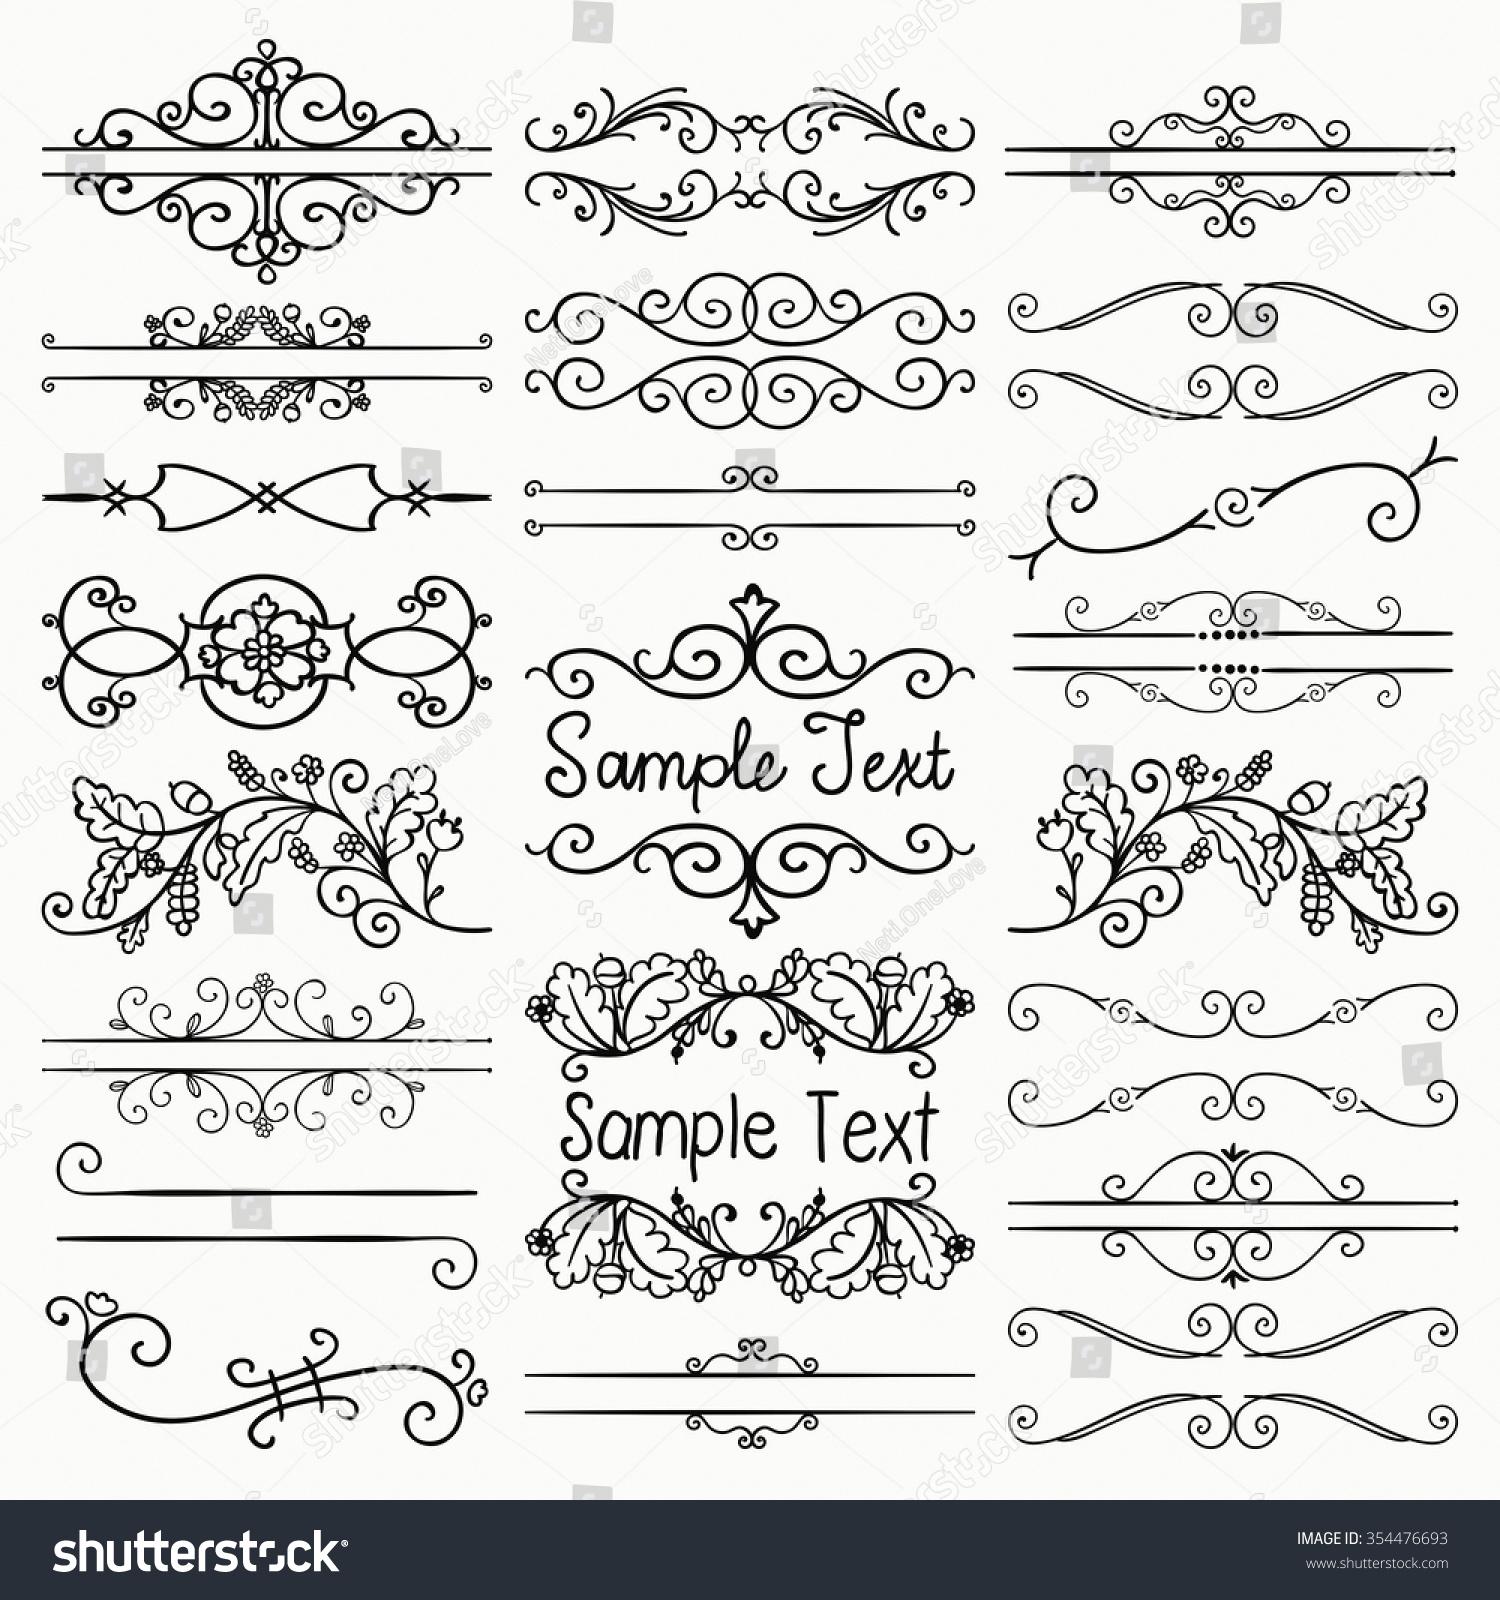 Set Of Black Flower Design Elements Vector Illustration: Set Of Hand Drawn Sketched Black Doodle Design Elements